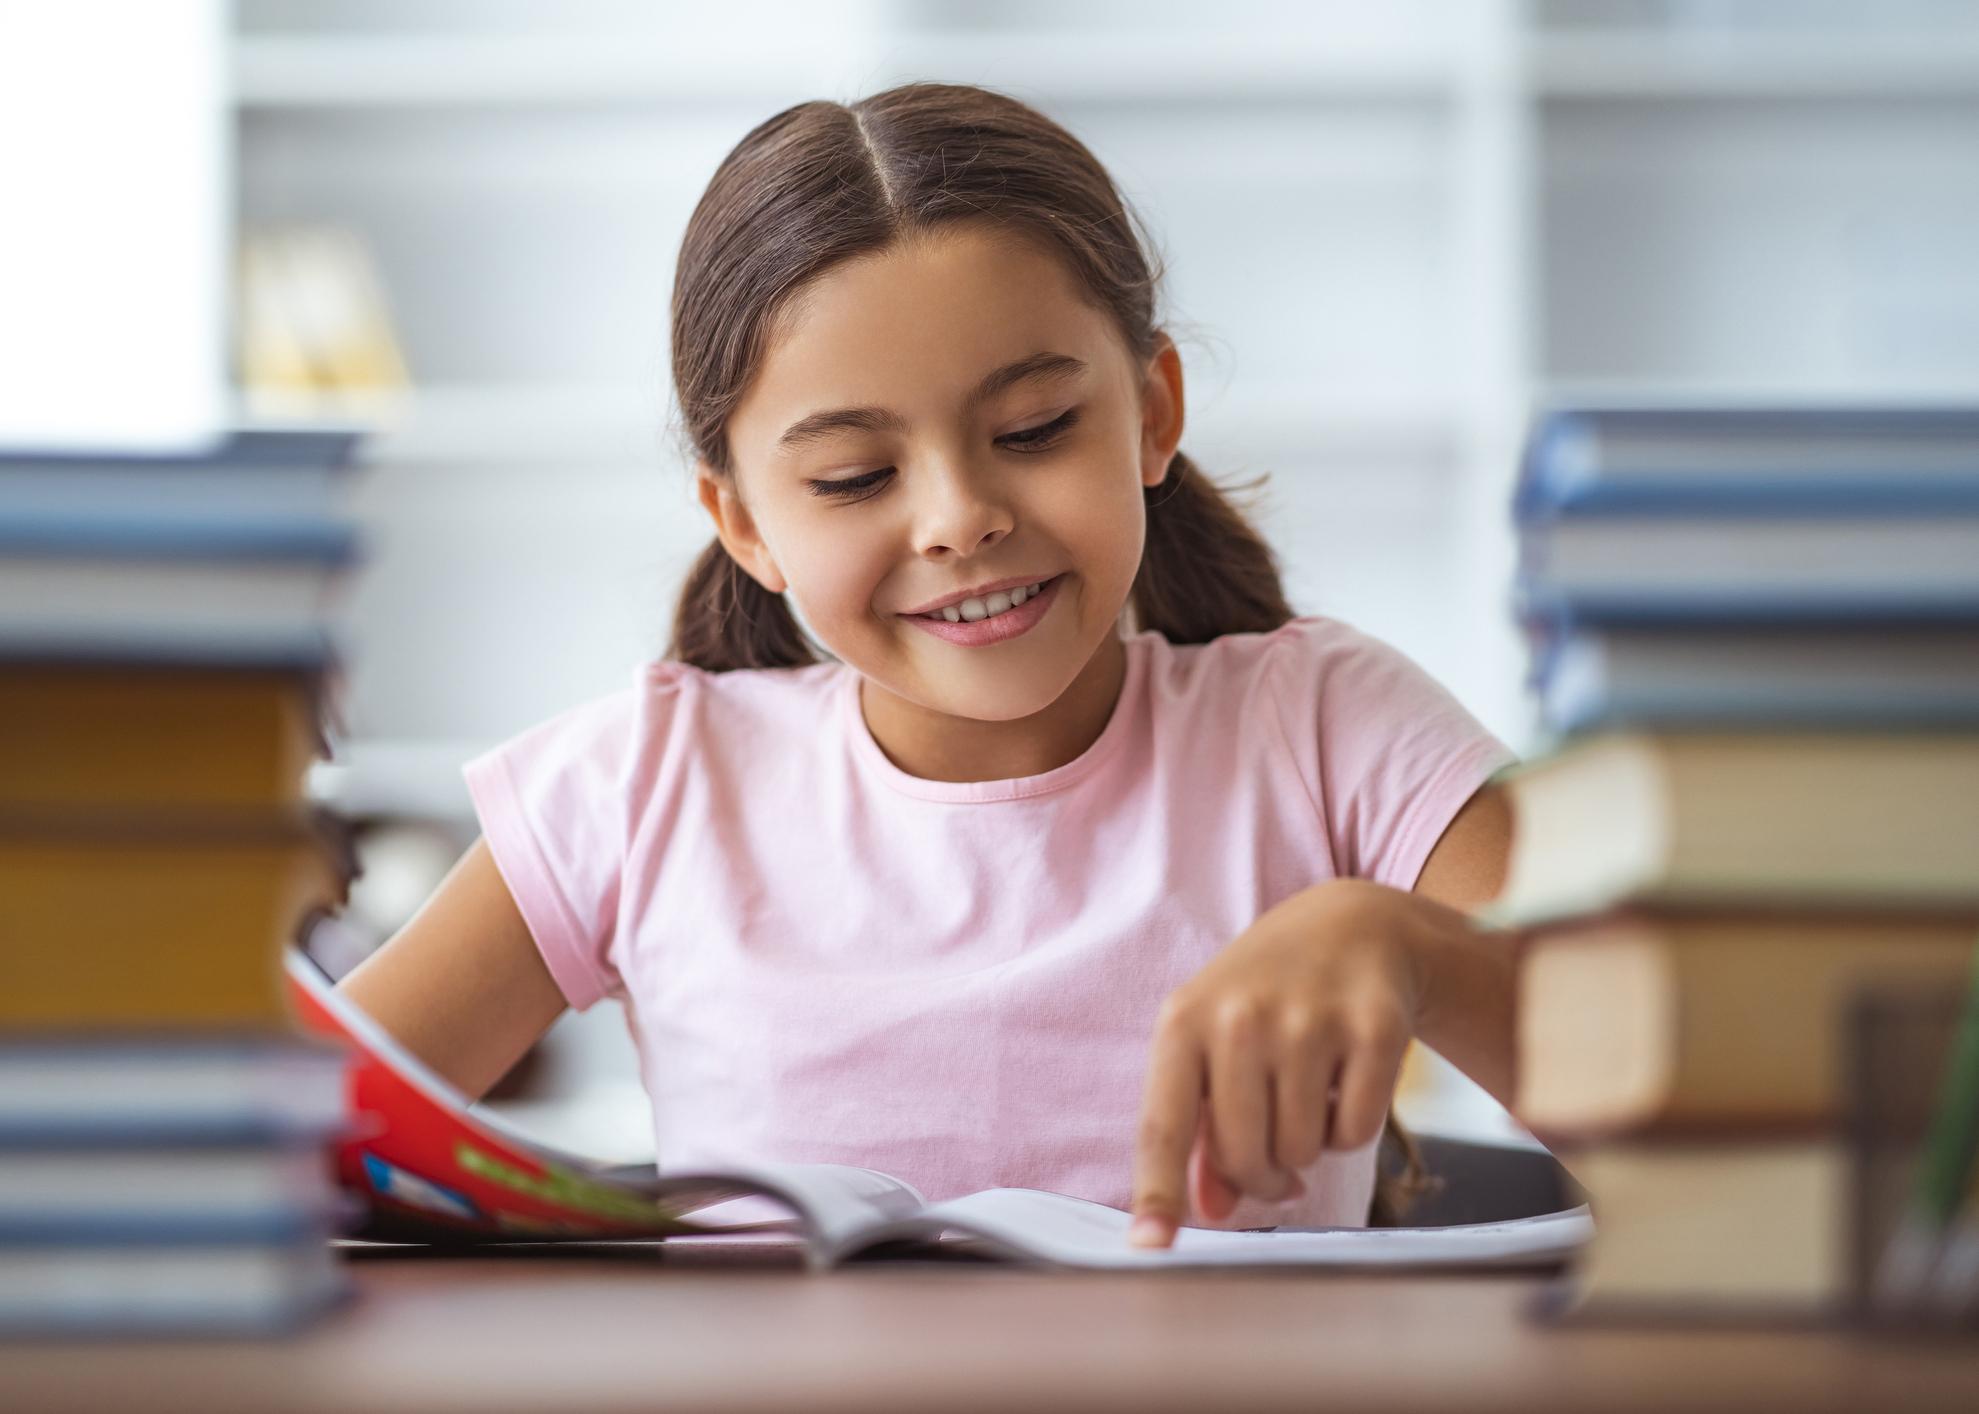 criança com livros escola